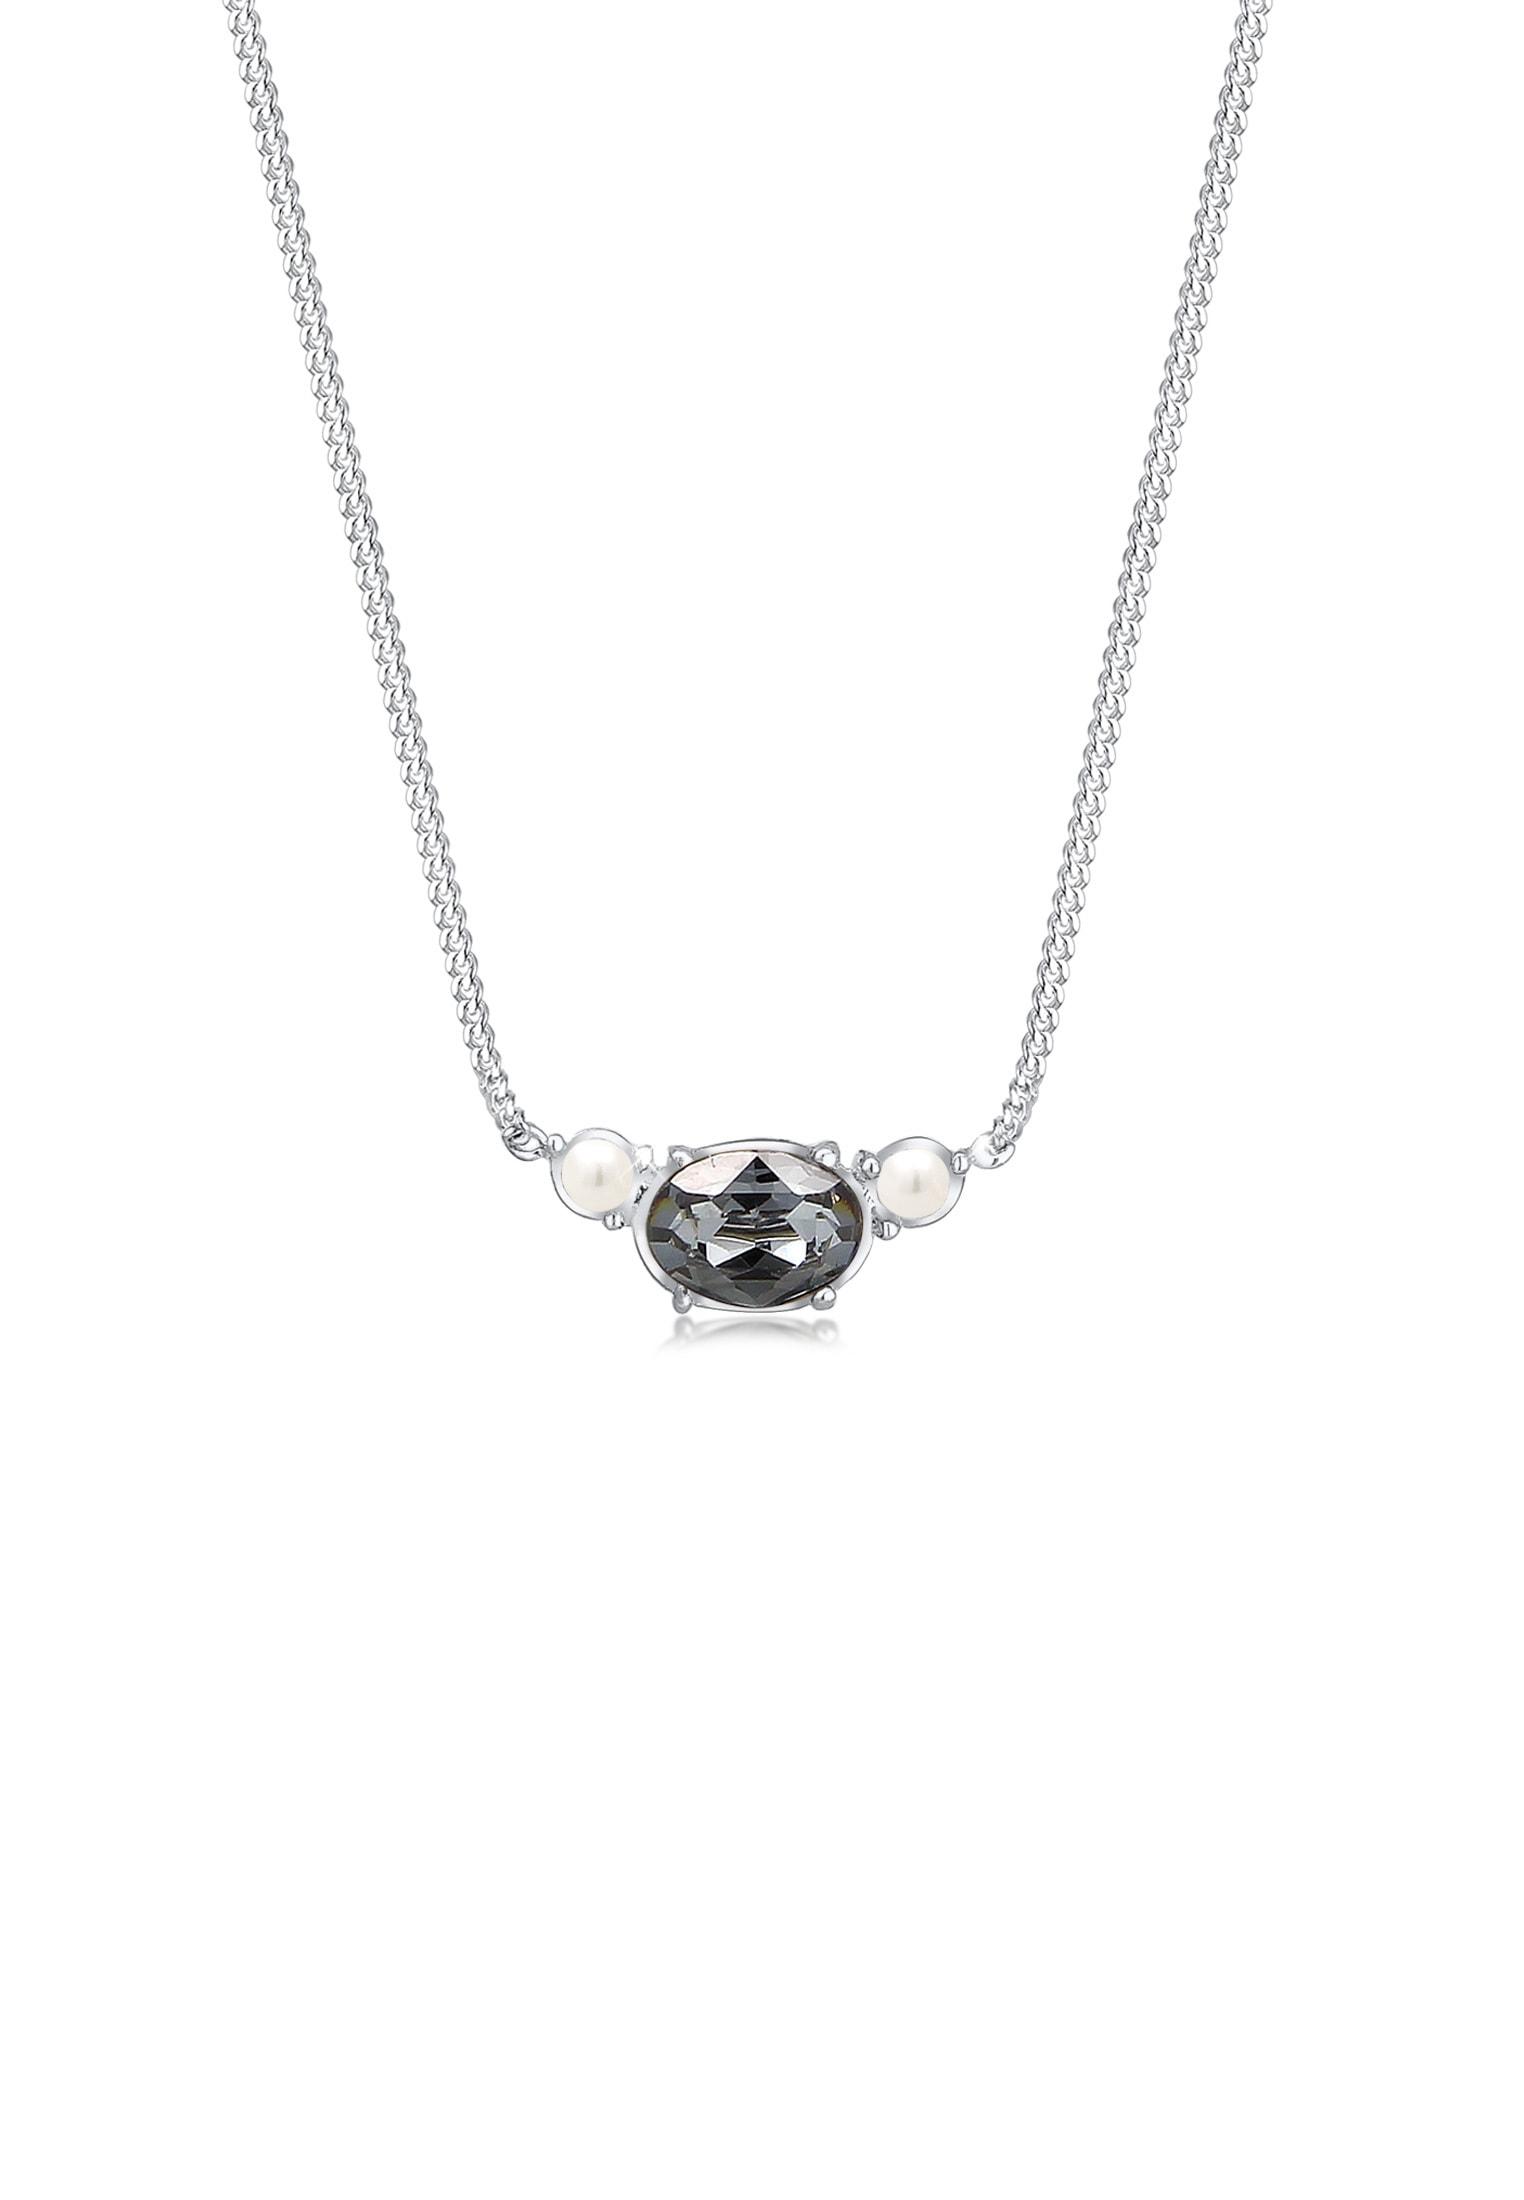 Elli Collierkettchen Panzerkette Perle Swarovski Kristalle 925 Silber | Schmuck > Halsketten > Panzerketten | Elli